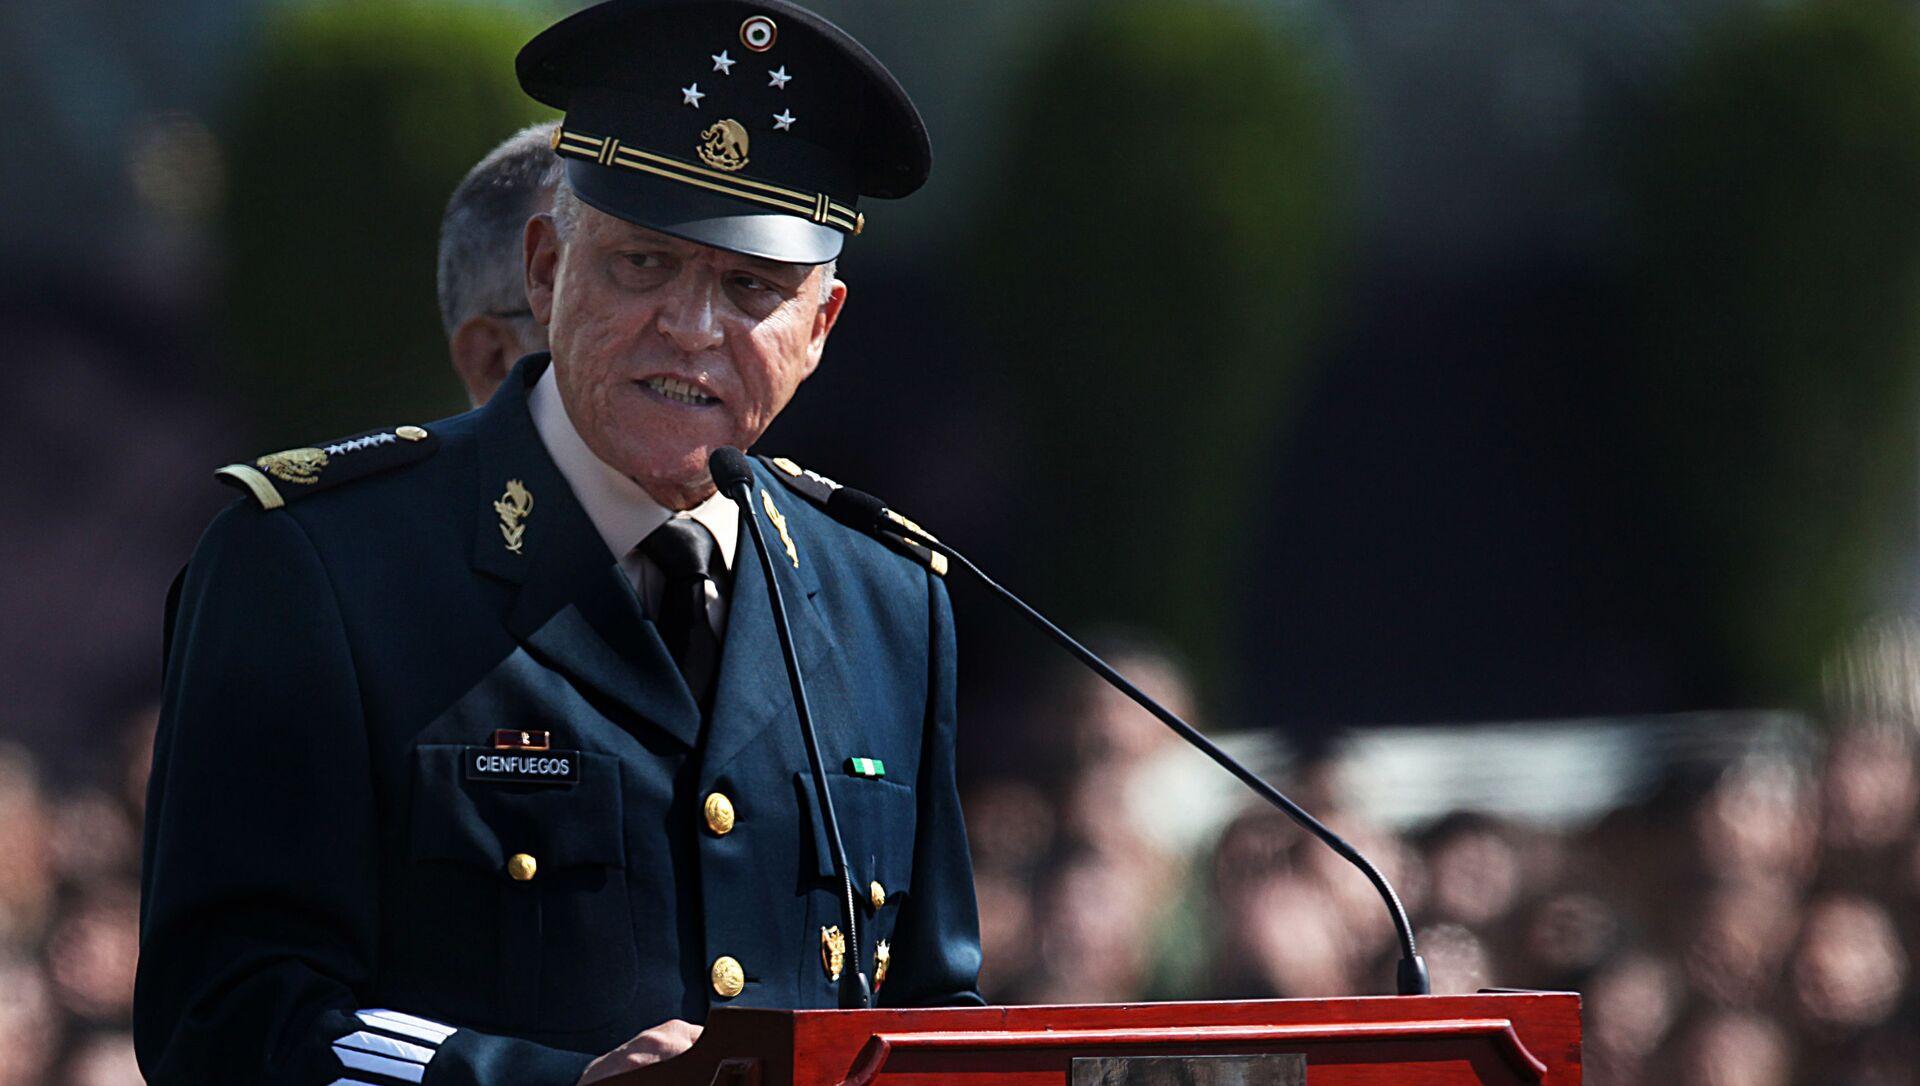 Salvador Cienfuegos Zepeda, exsecretario de Defensa de México - Sputnik Mundo, 1920, 27.01.2021